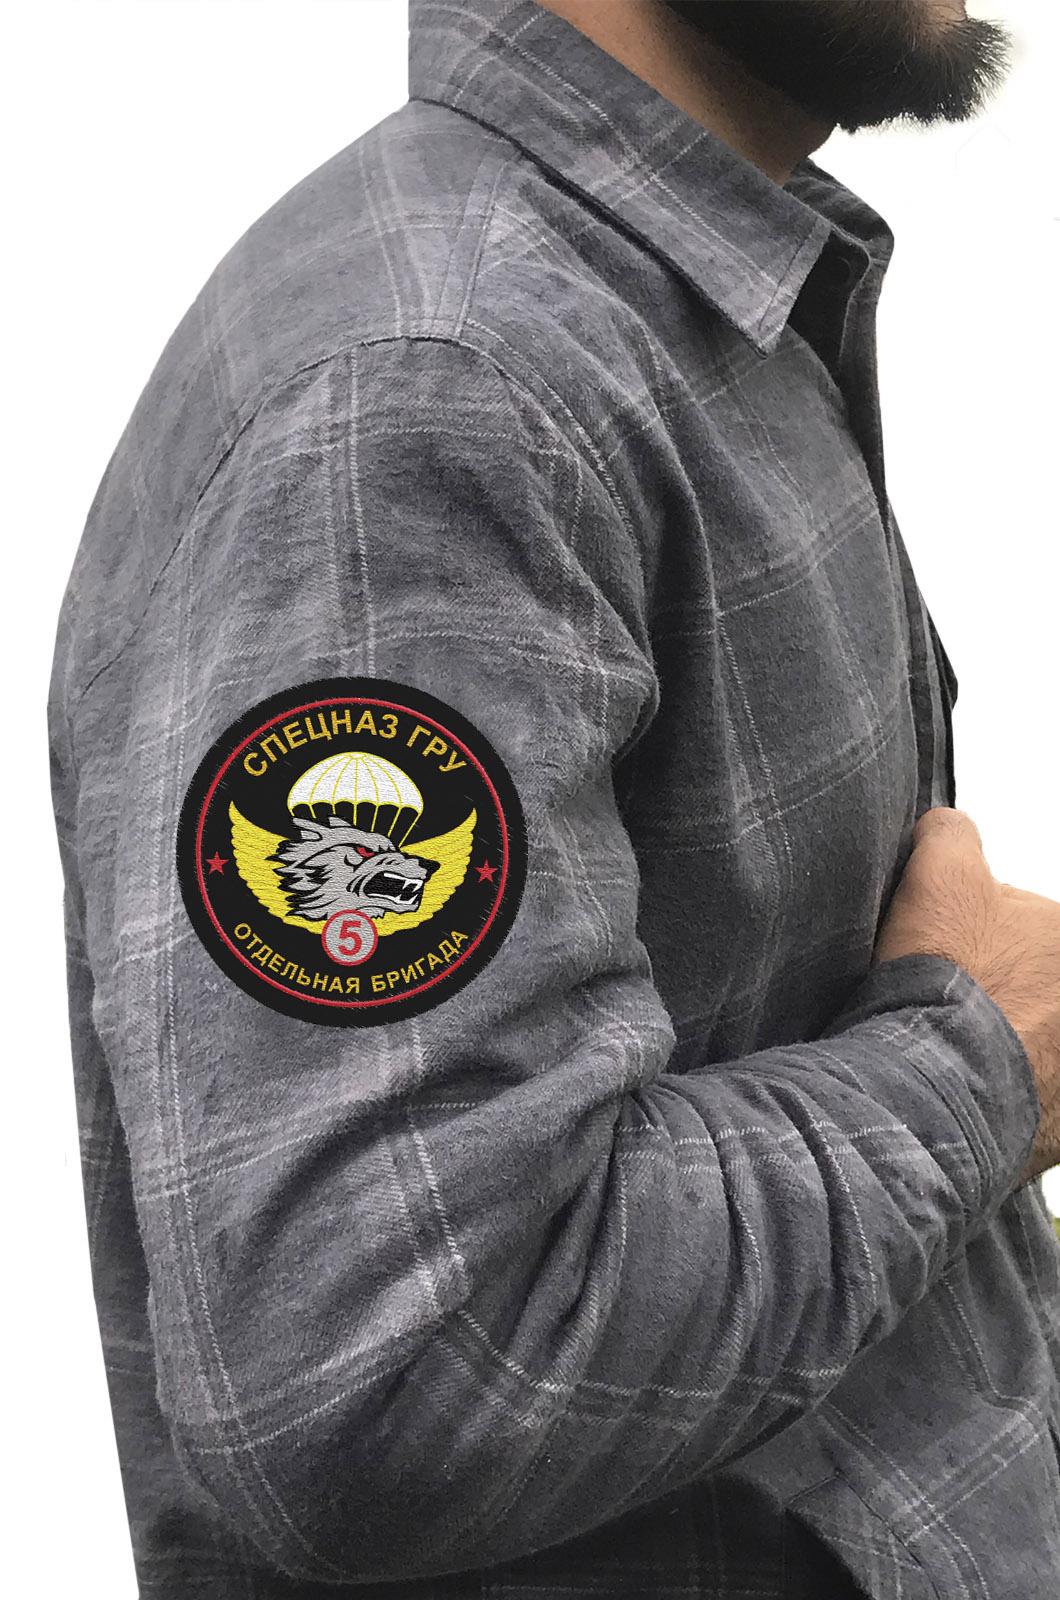 Клетчатая рубашка с эмблемой 5 ОБрСпН ГРУ купить с доставкой